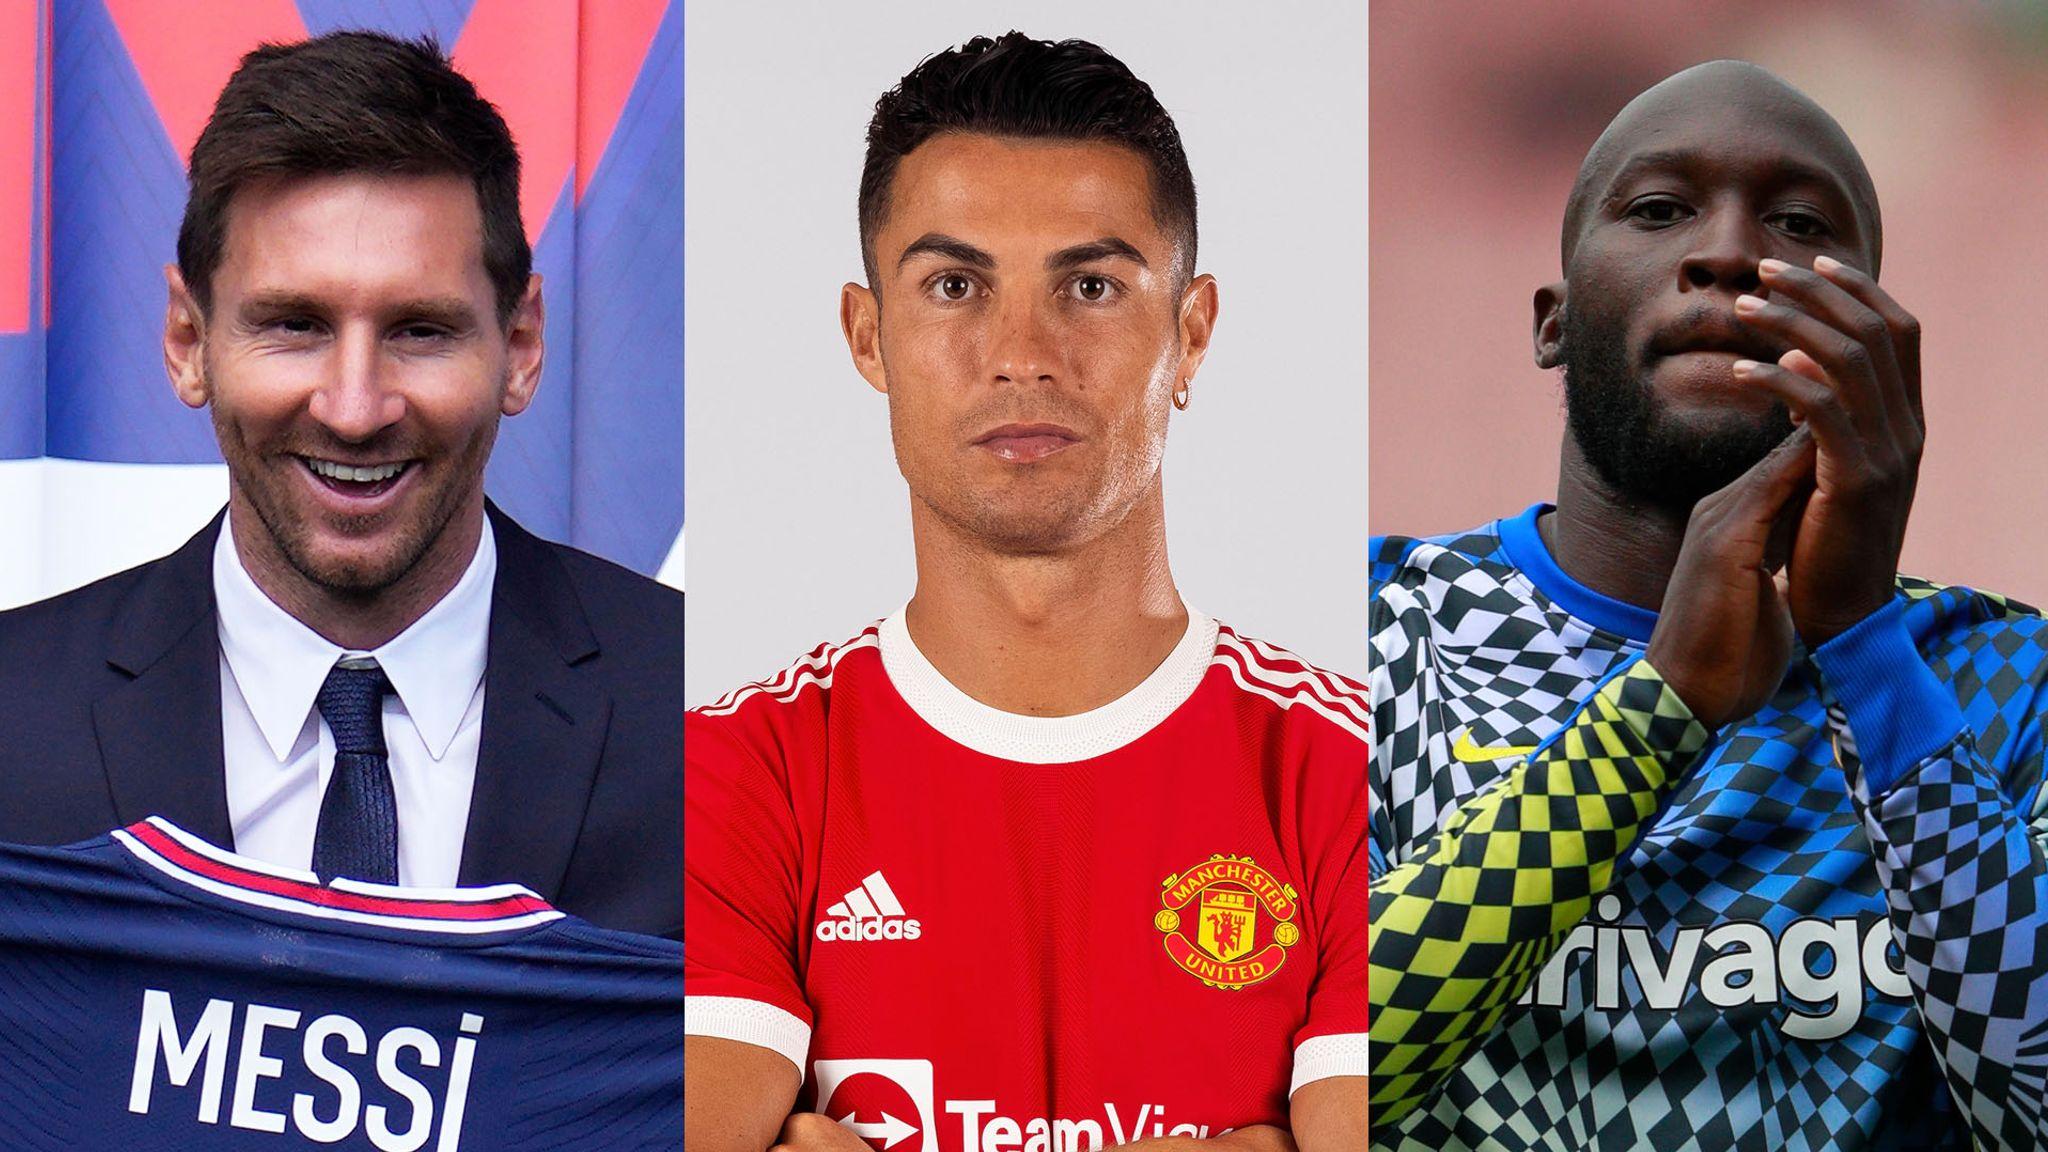 Messi, Ronaldo and Lukaku